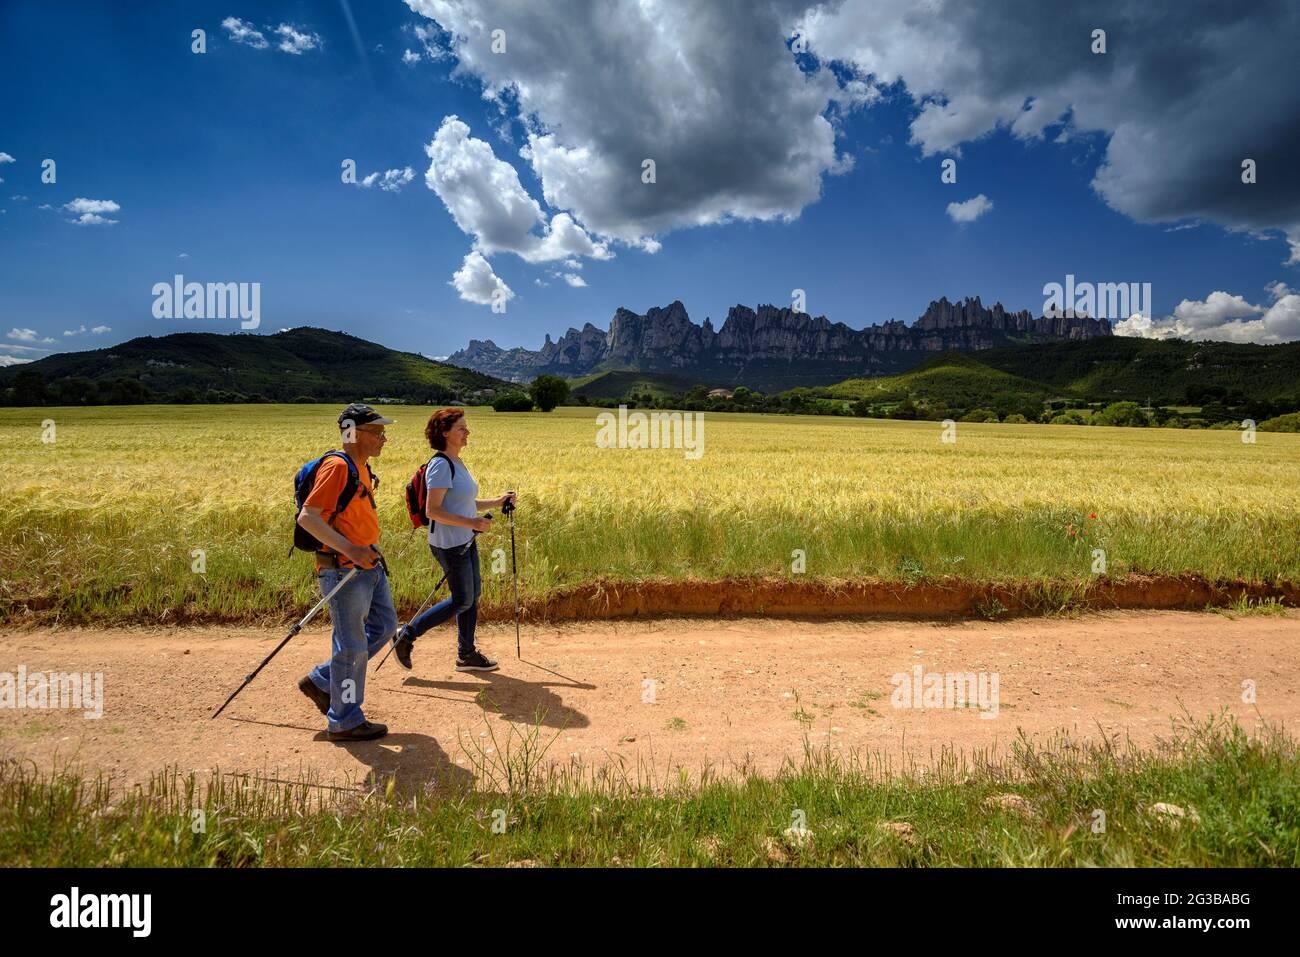 Randonneurs marchant entre les champs de la Pla de Masroig, avec la montagne de Montserrat en arrière-plan (Bages, Barcelone, Catalogne, Espagne) Banque D'Images